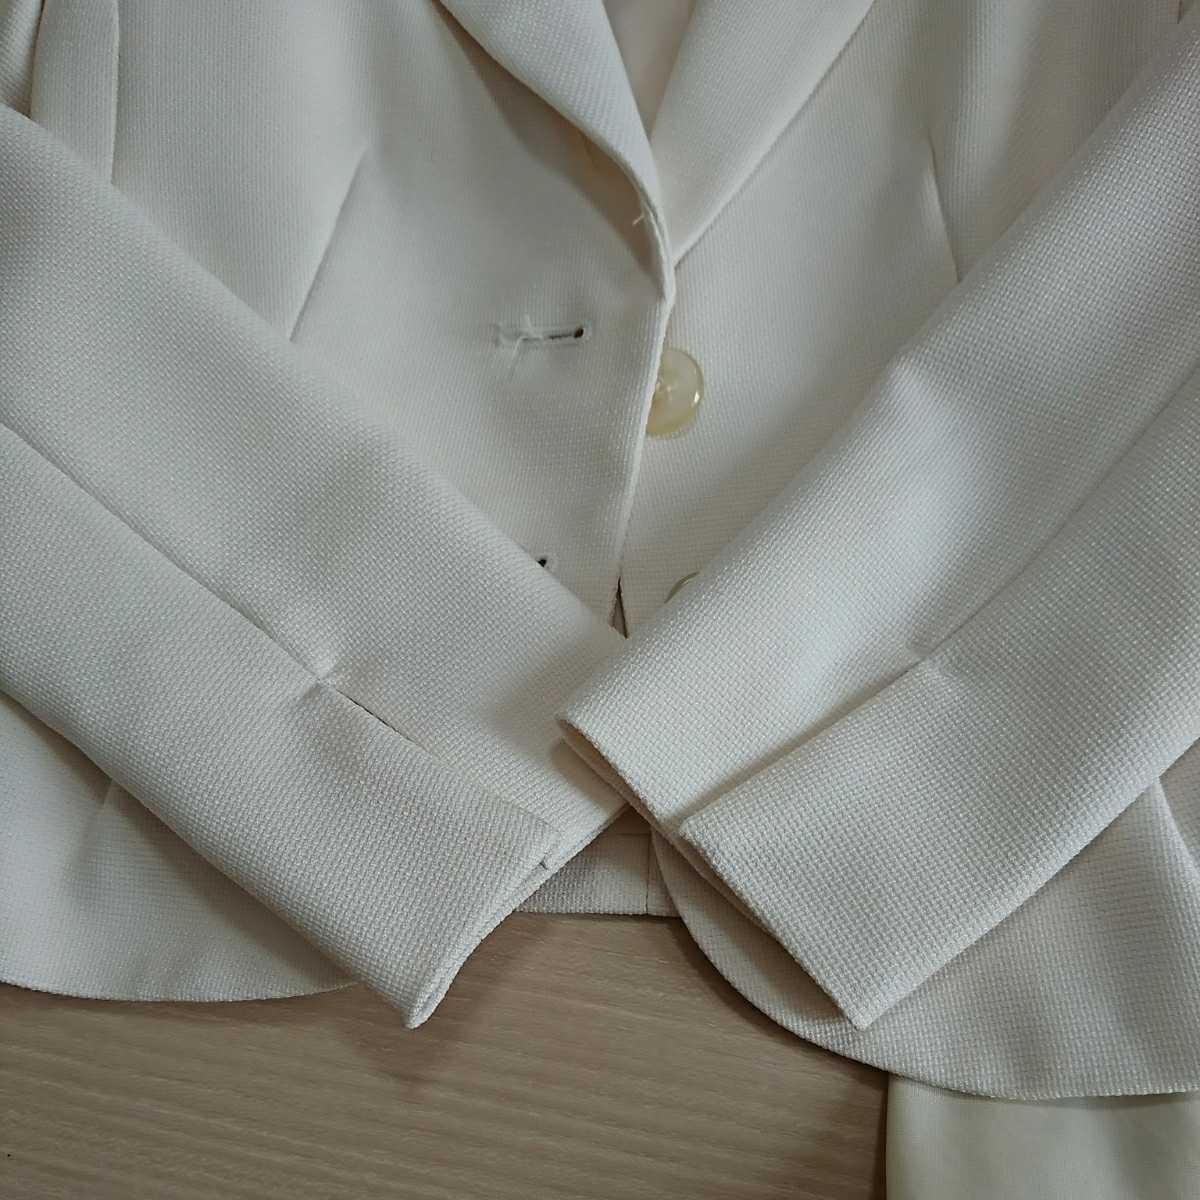 送料込み フォーマルスーツ 7号 アイボリー ジャケット スカート ベージュ シフォン ワンピース 3点セット 入学式 七五三 結婚式 クーポン_画像8